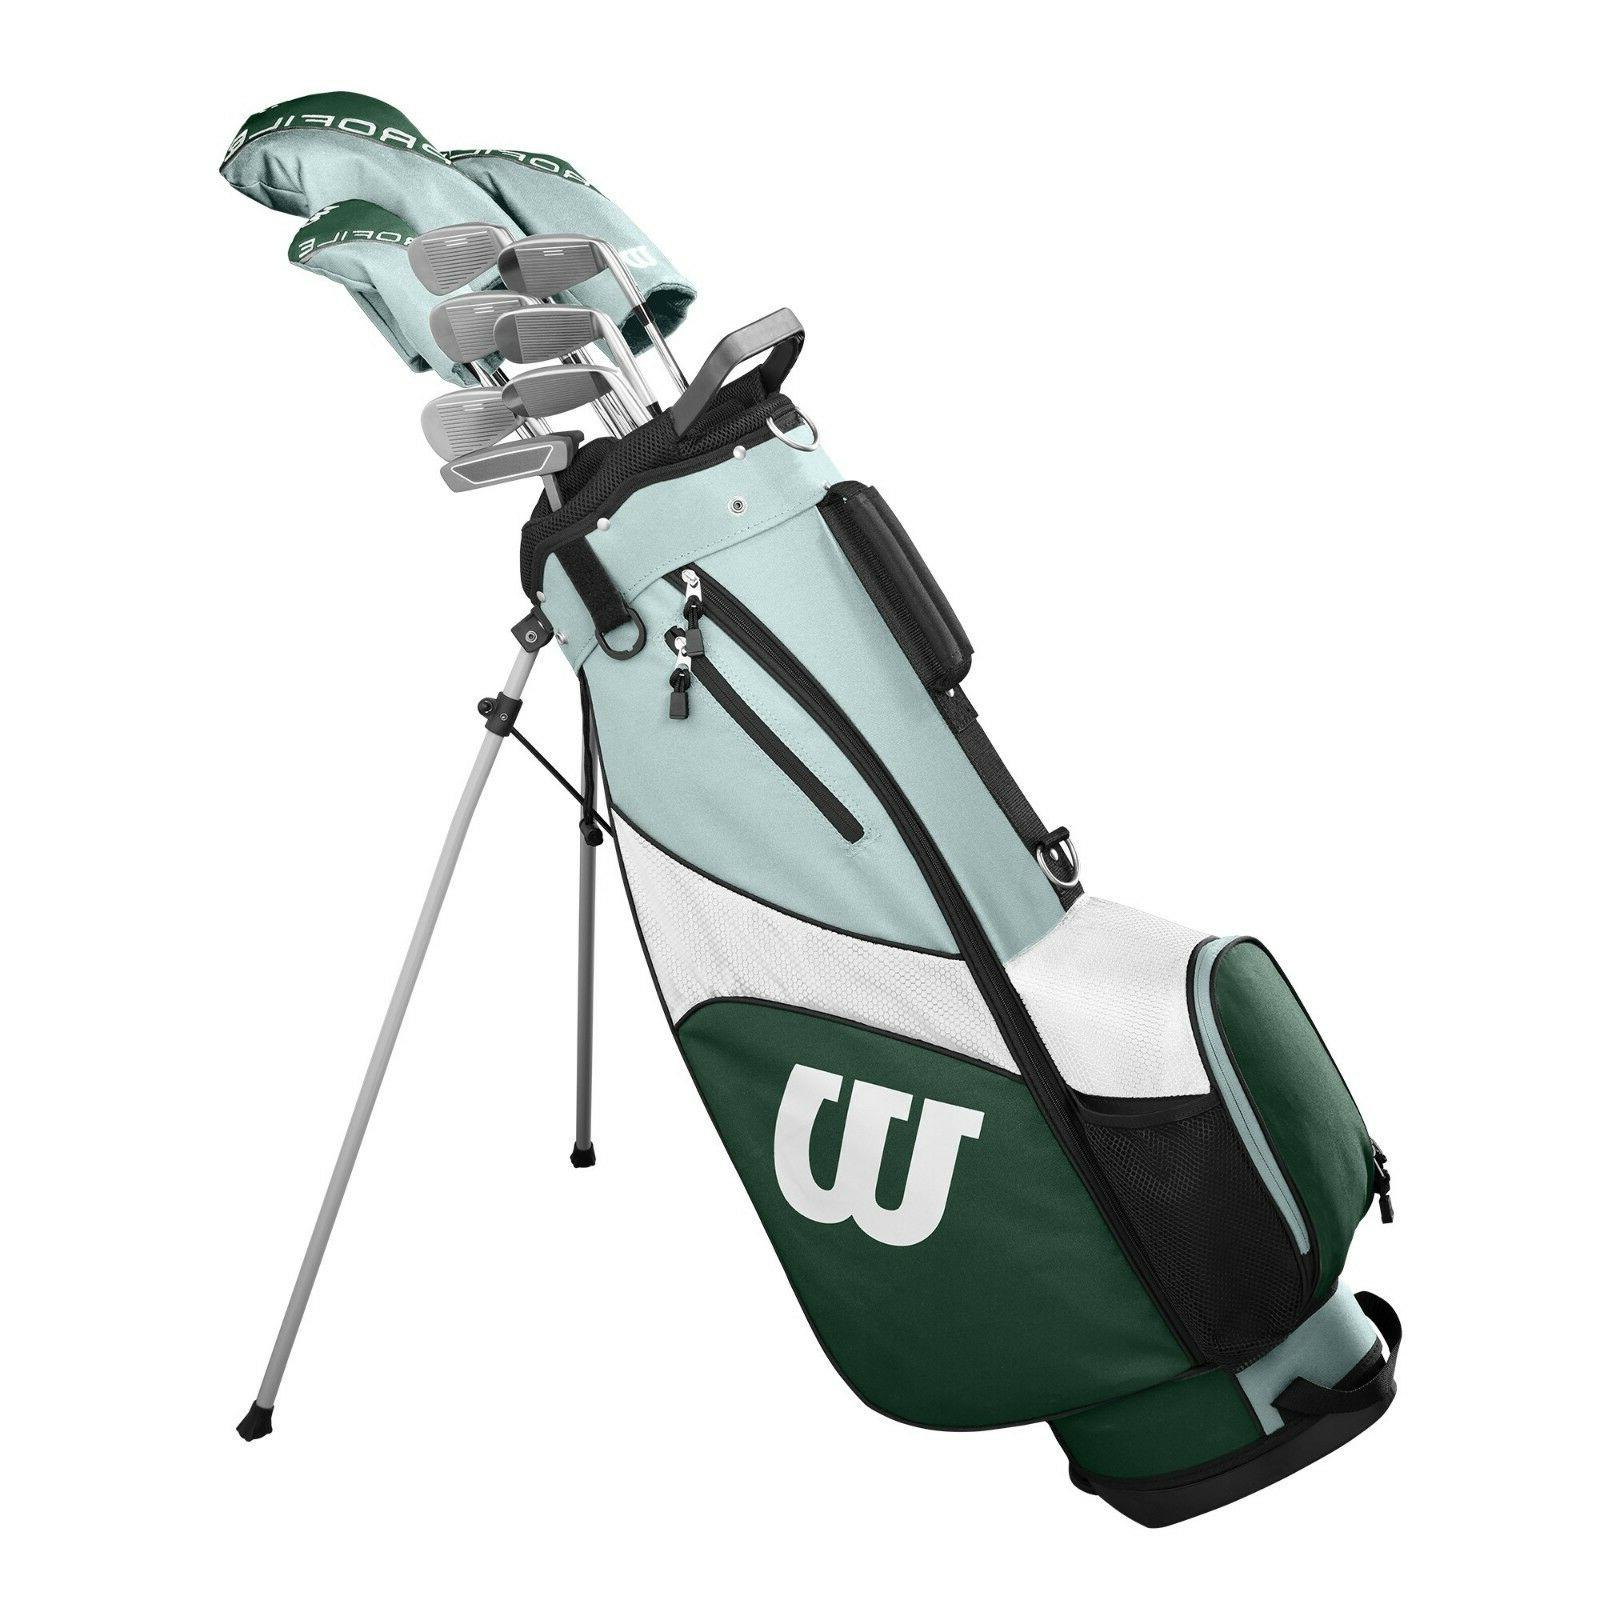 Wilson Golf - New Women's Golf Set 2019